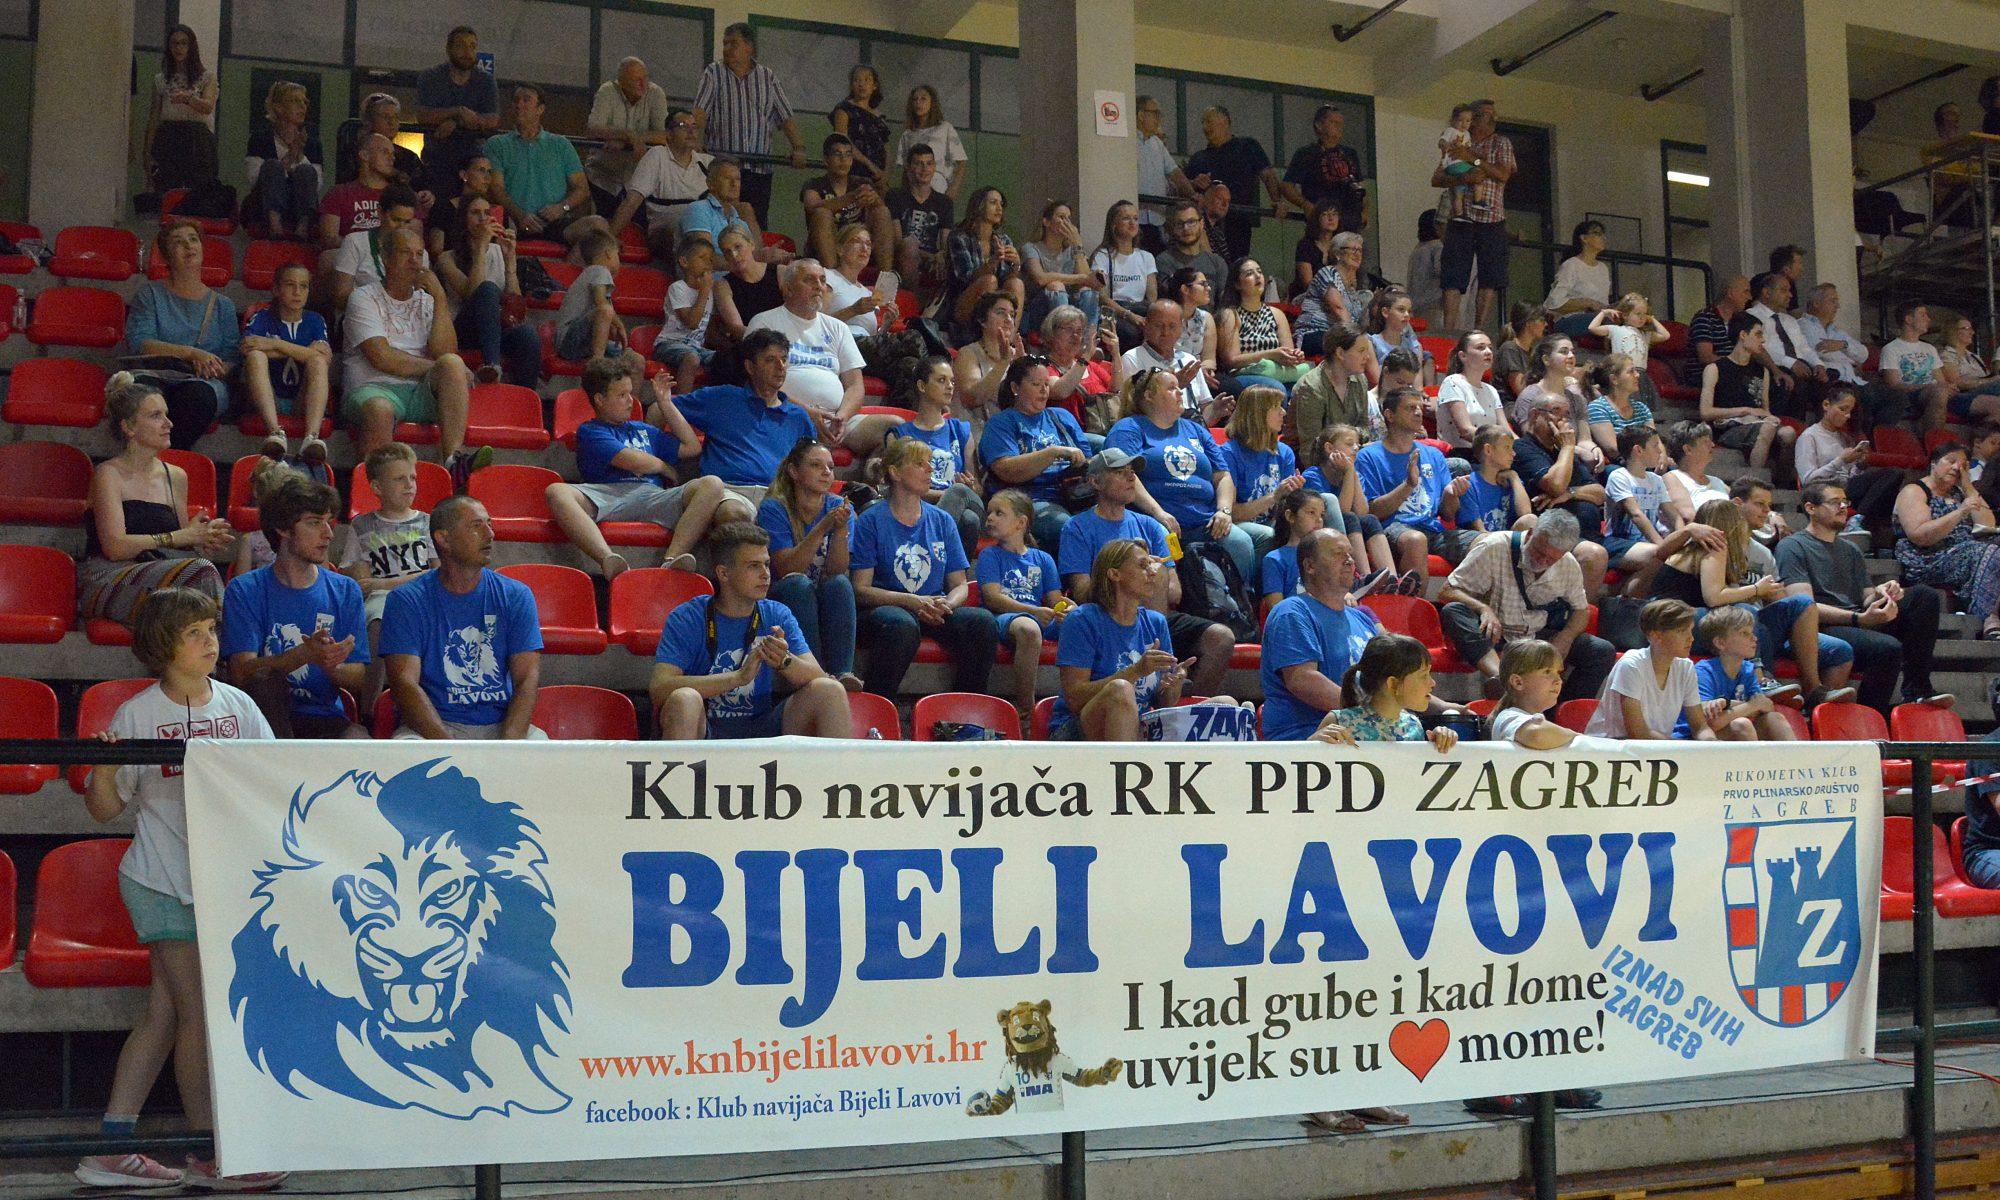 Službena stranica Kluba navijača Bijeli lavovi